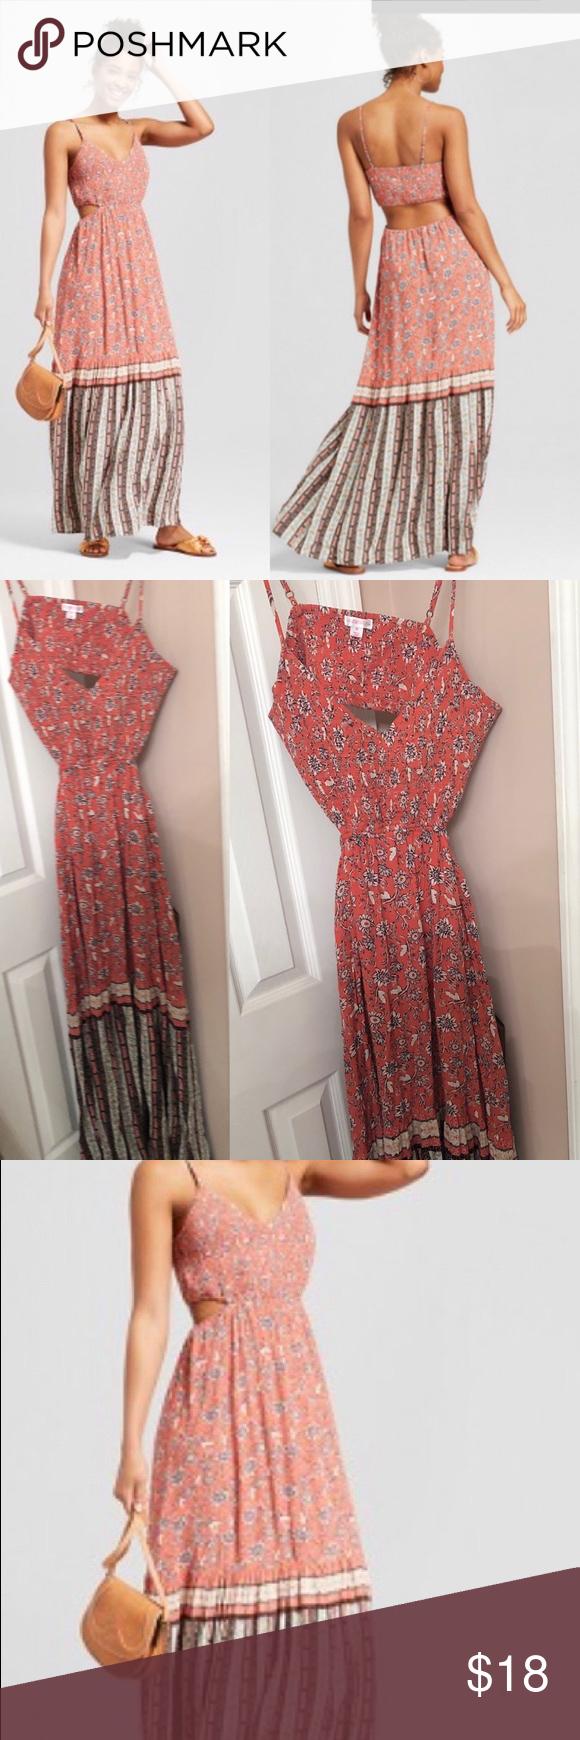 Xhilaration Maxi Dress With Cutout Back Size M Maxi Dress Dresses Xhilaration [ 1740 x 580 Pixel ]